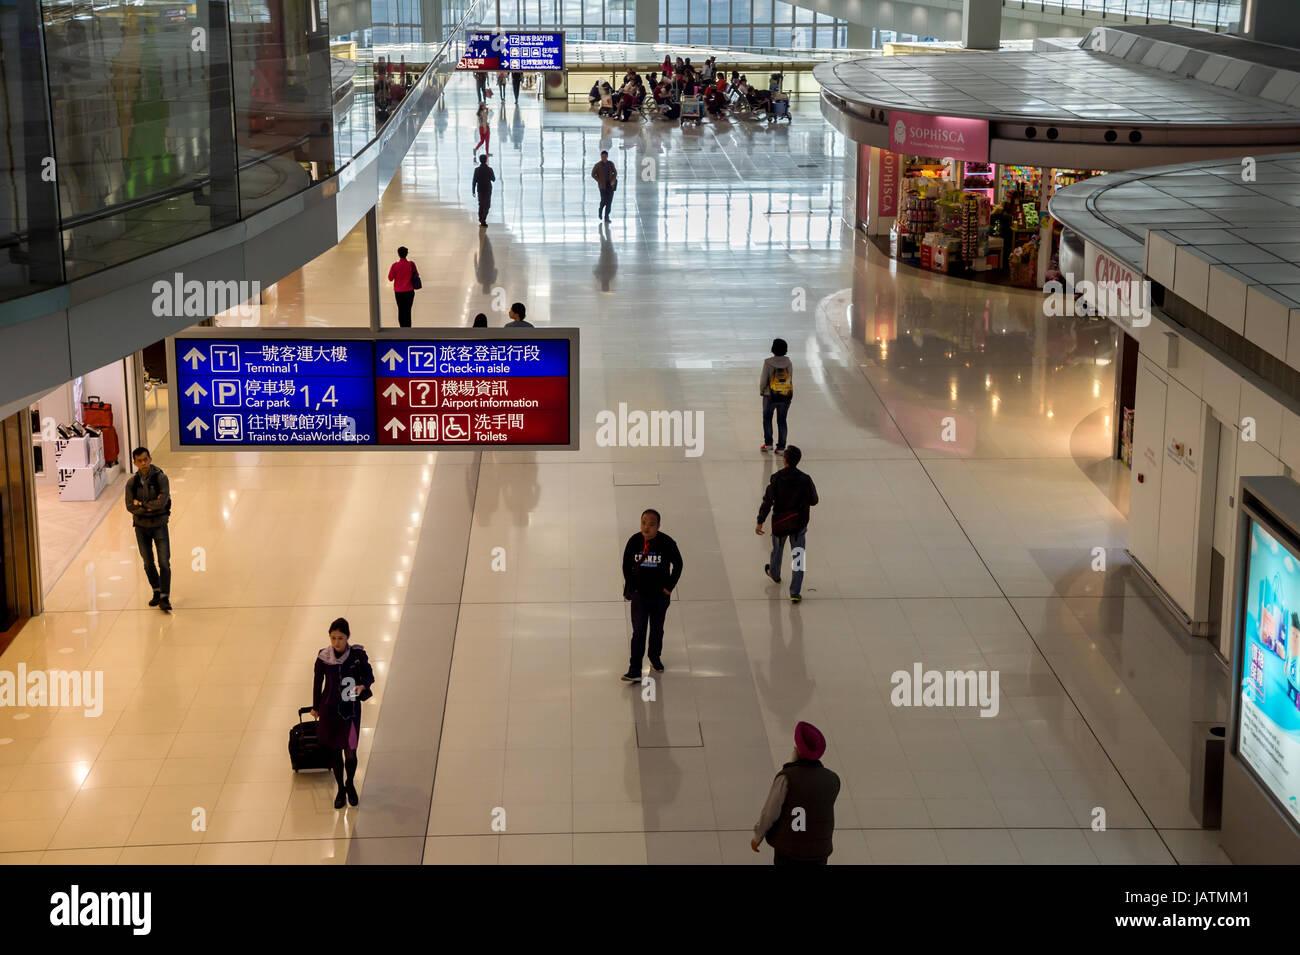 Hong Kong, China, 28th February 2015. Passengers walking in Hong-Kong Chek Lap Kok Airport. - Stock Image